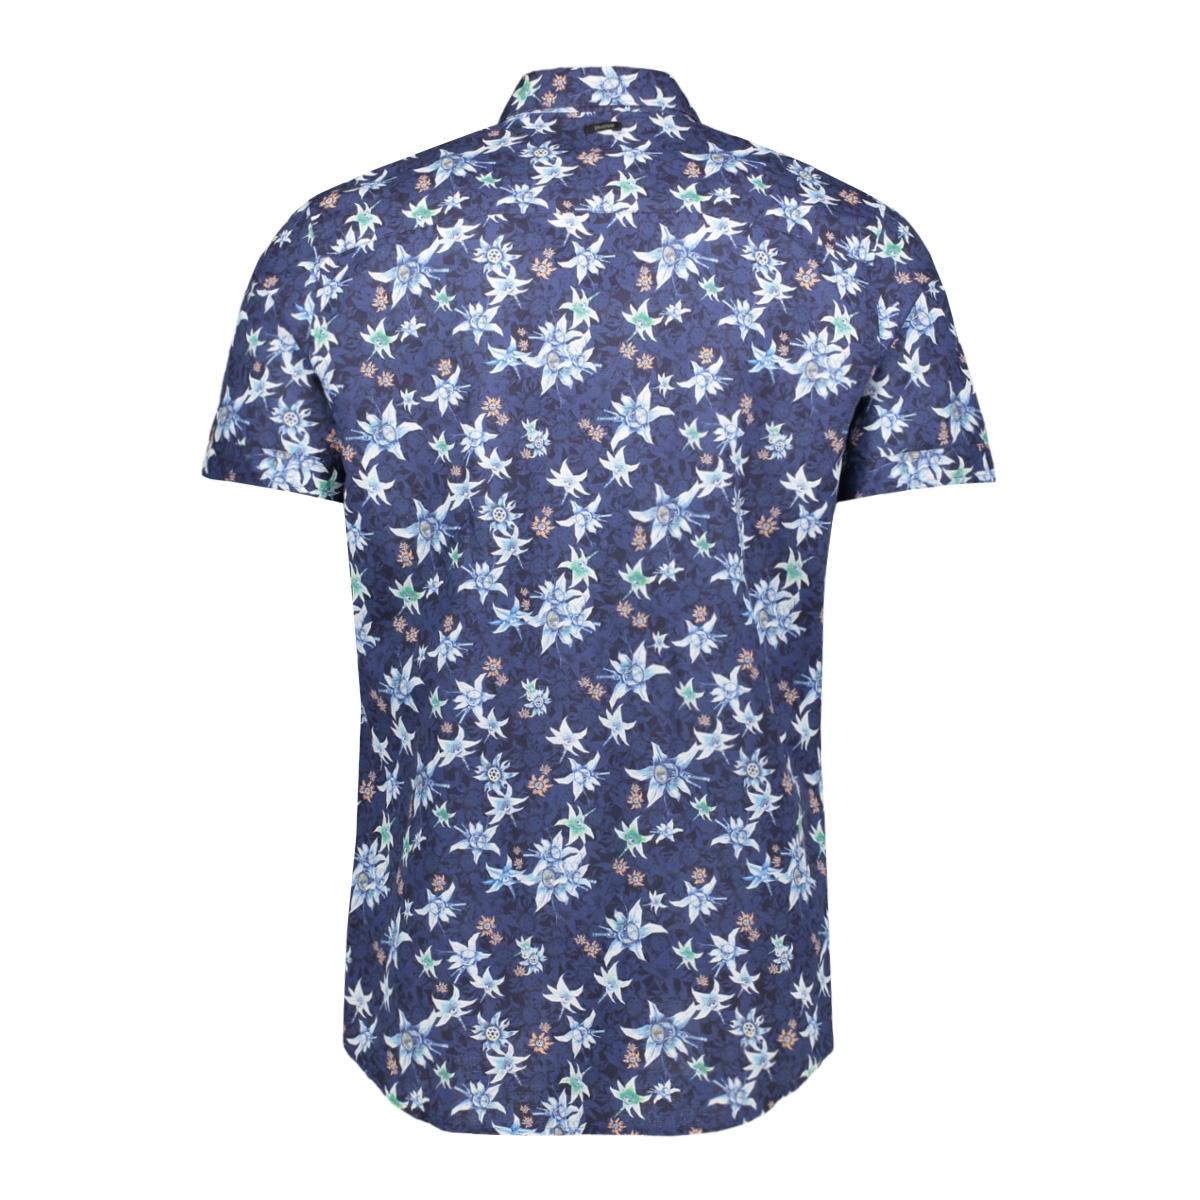 short sleeve shirt bodrean vsis202232 vanguard overhemd 5026